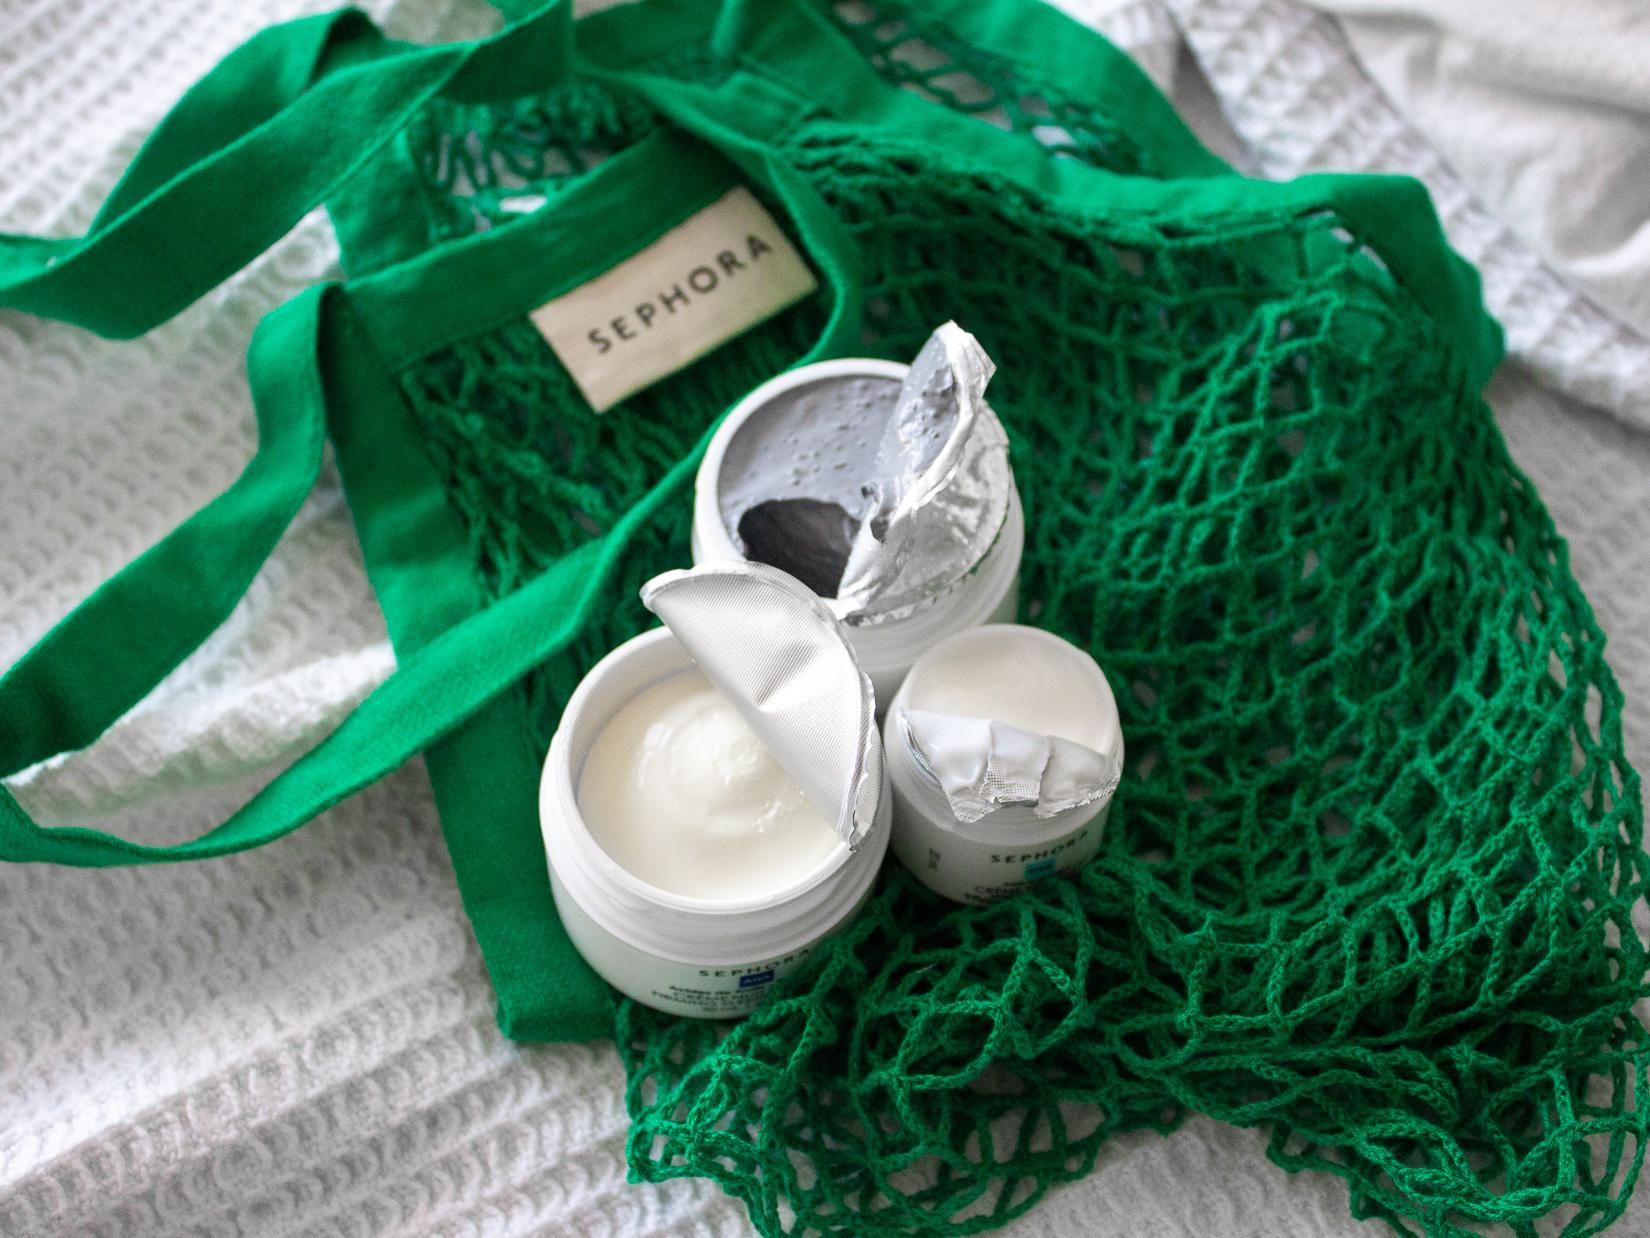 levná pečující kosmetika sephora